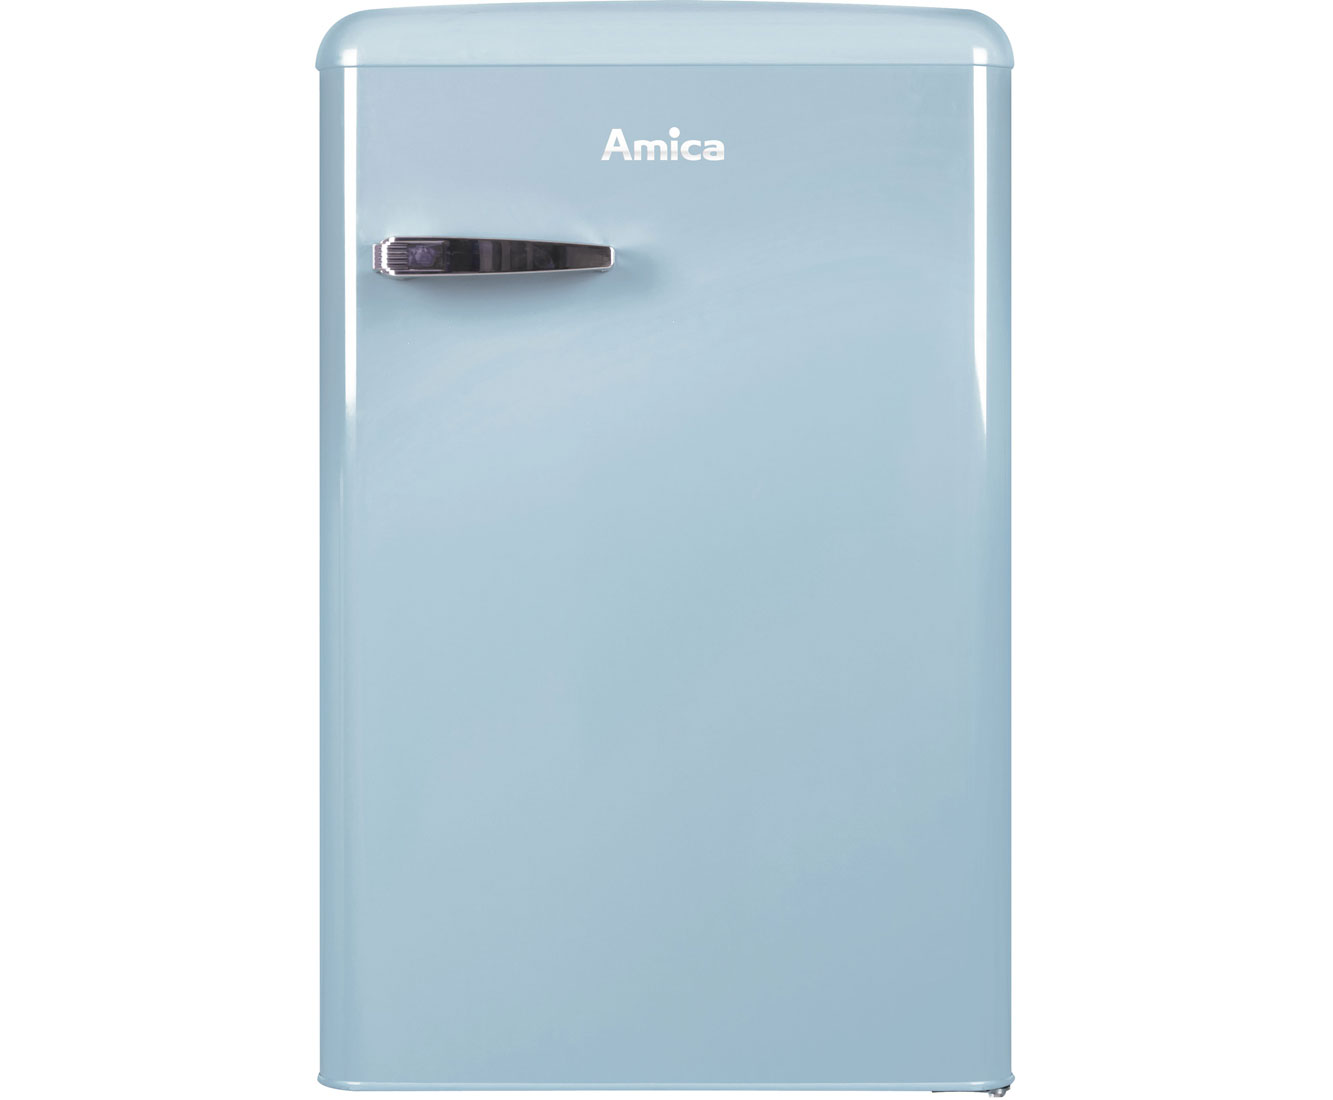 Amica Unterbau Kühlschrank 50 Cm : Gefrierschrank cm breit gefrierschrank constructa